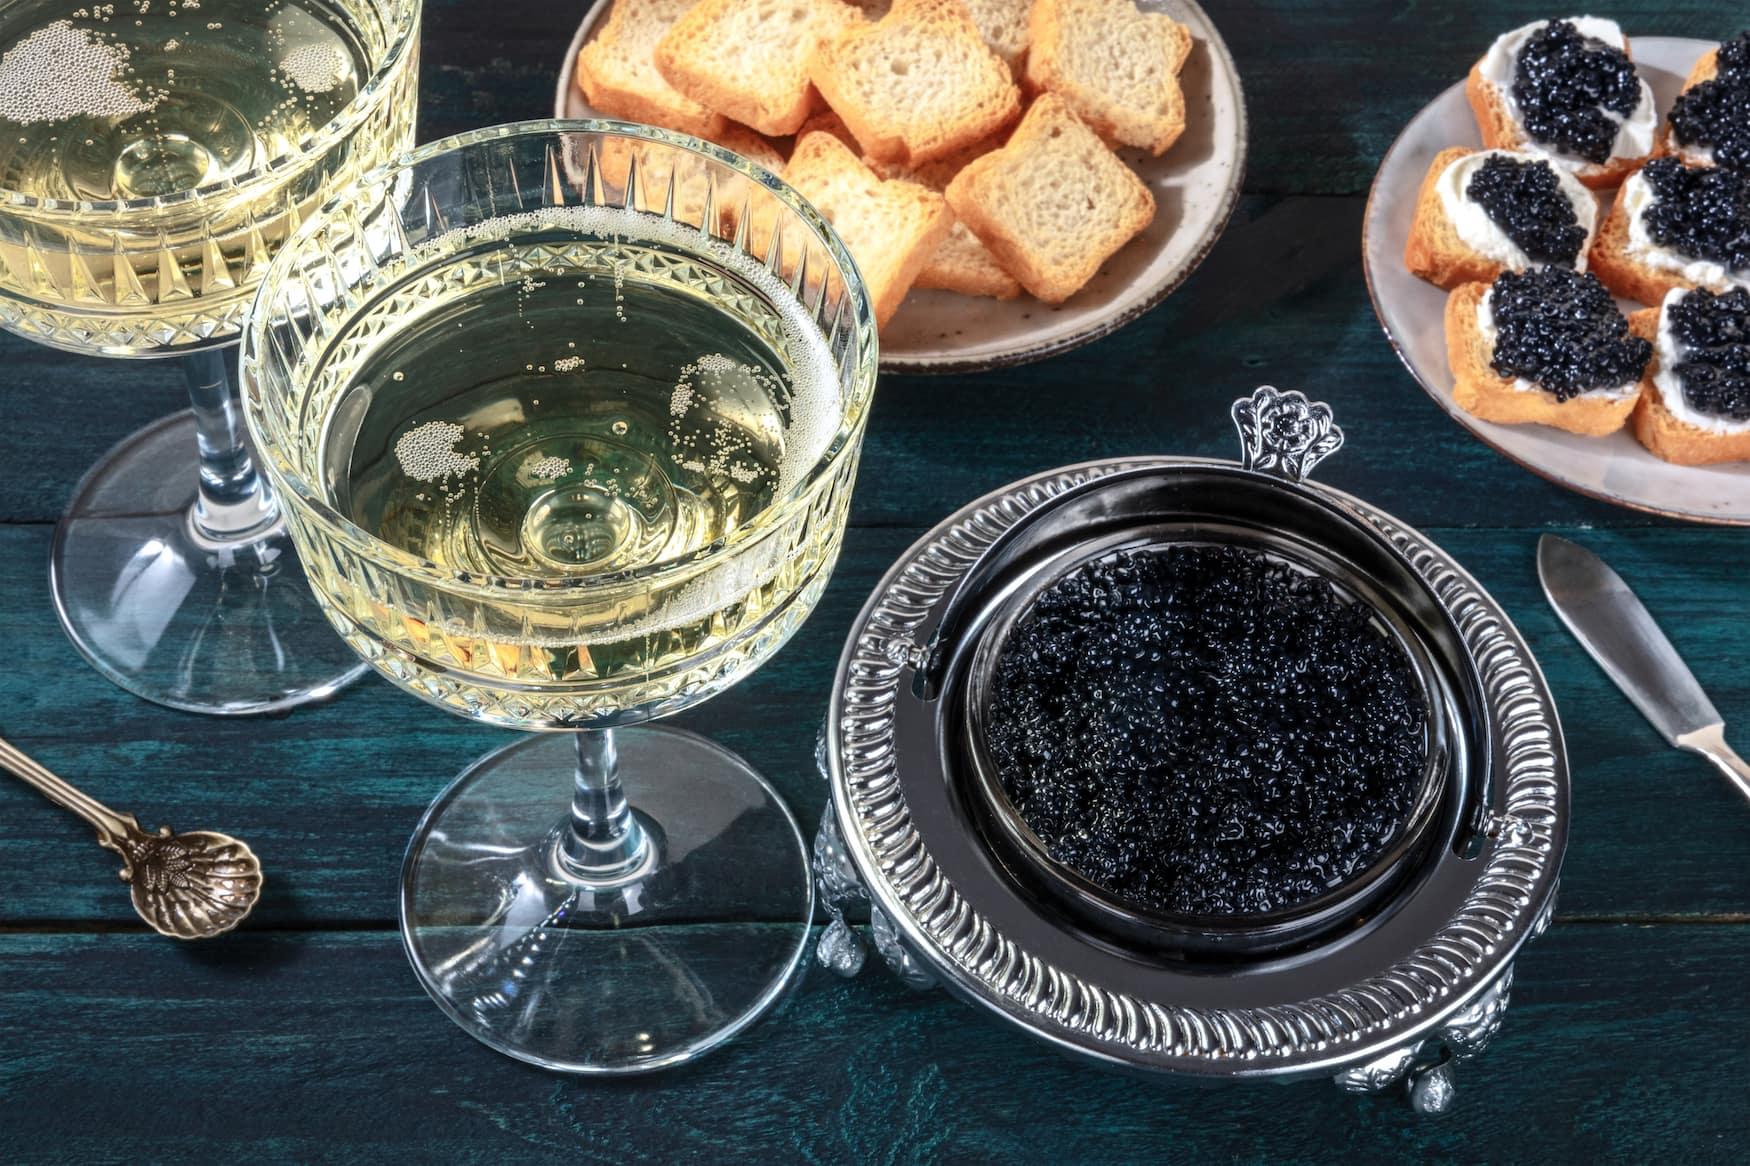 Champagner und Kaviar in einem Restaurant in St. Petersburg